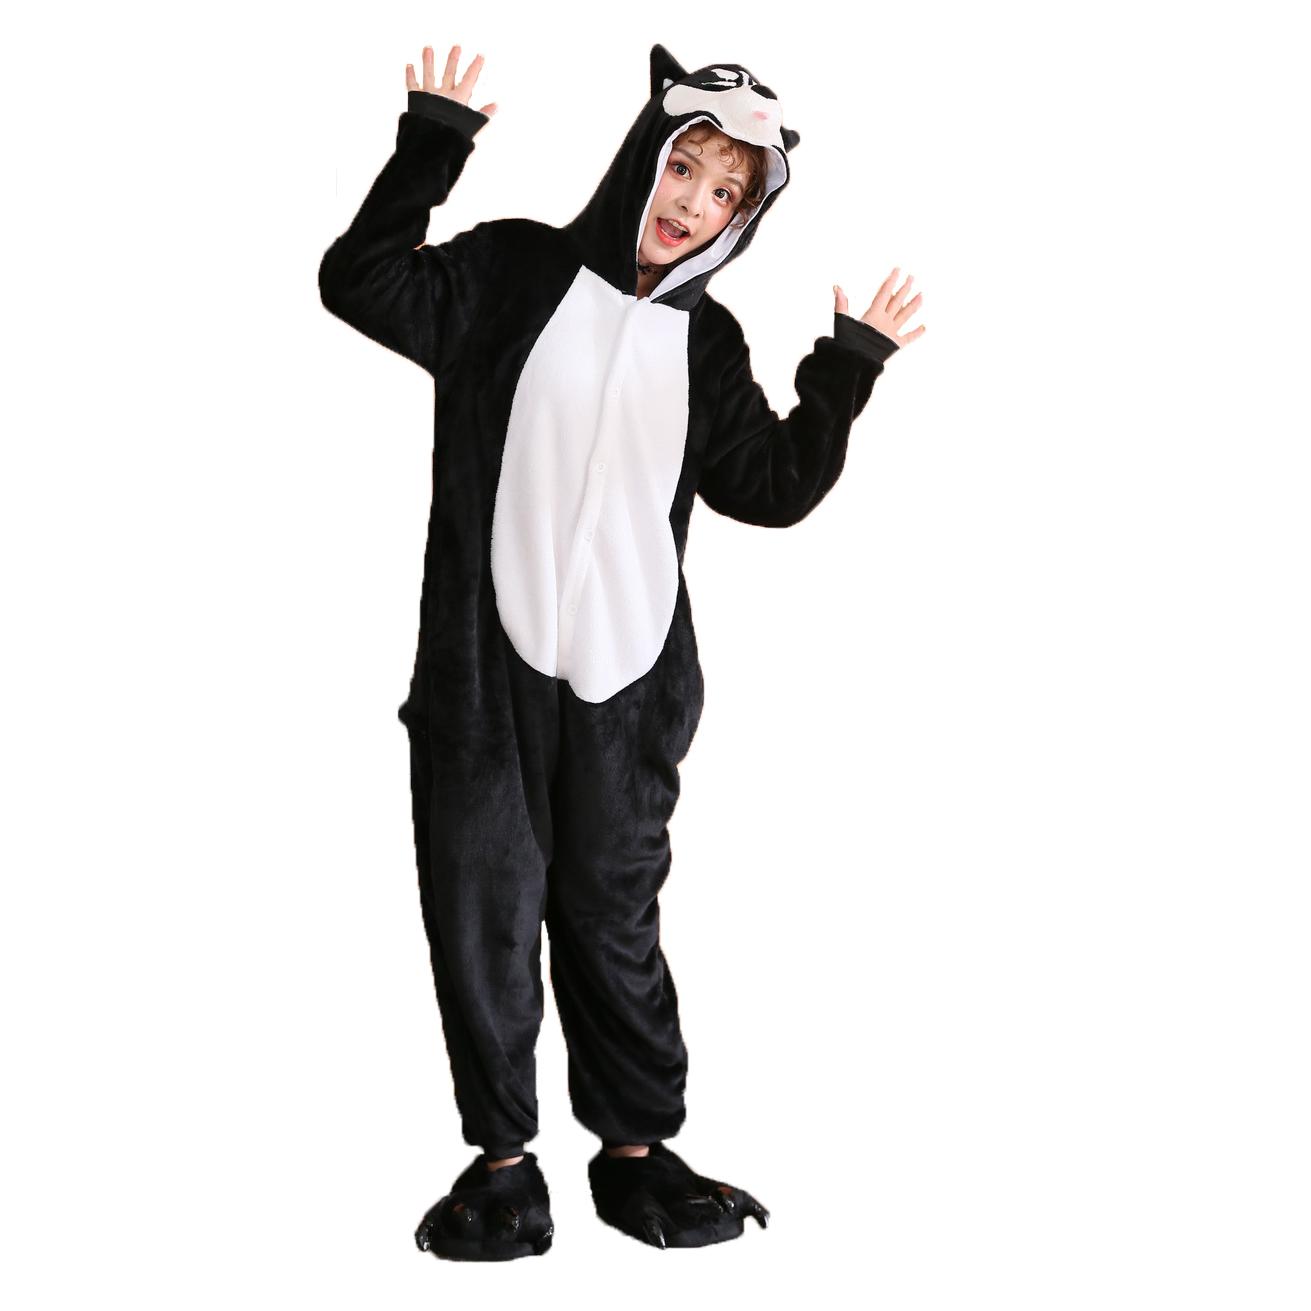 Плюшевые пижамы Хаски H384fe9fd86c44759af1236550b08cf63P.jpg